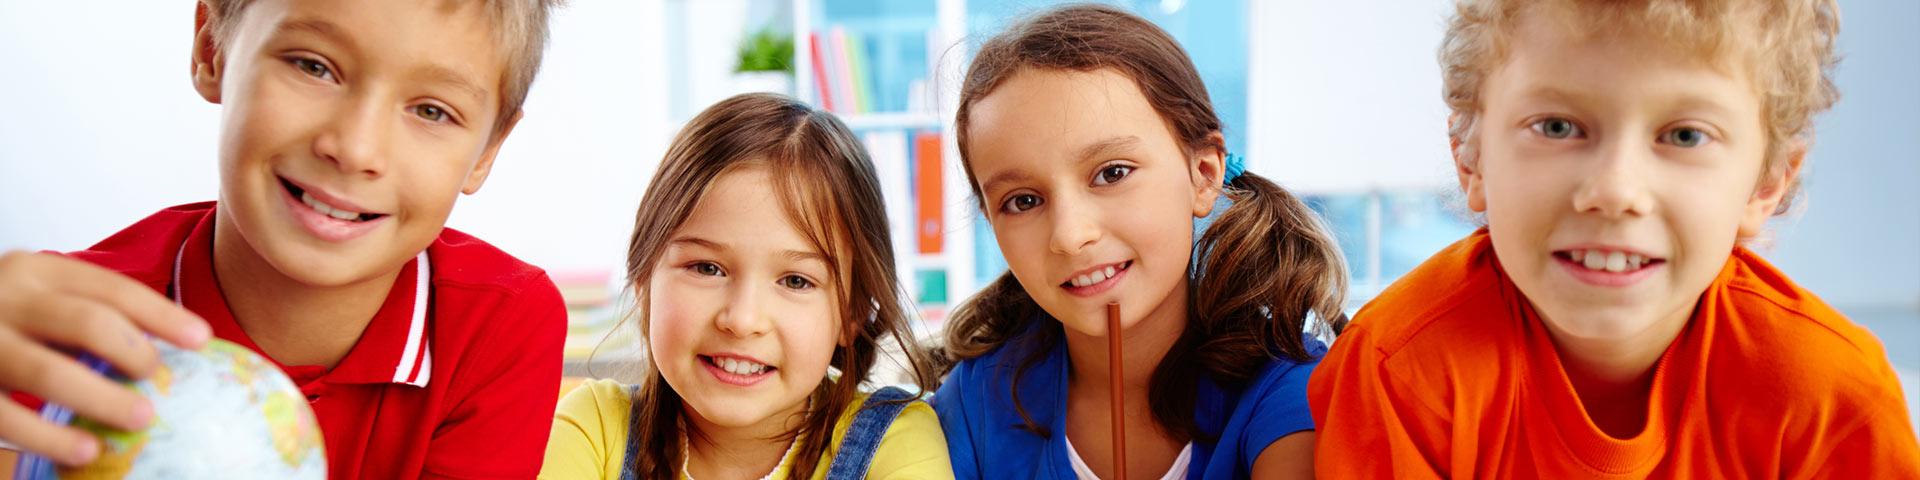 slider-cursos-para-criancas-cultura-inglesa-ponta-verde